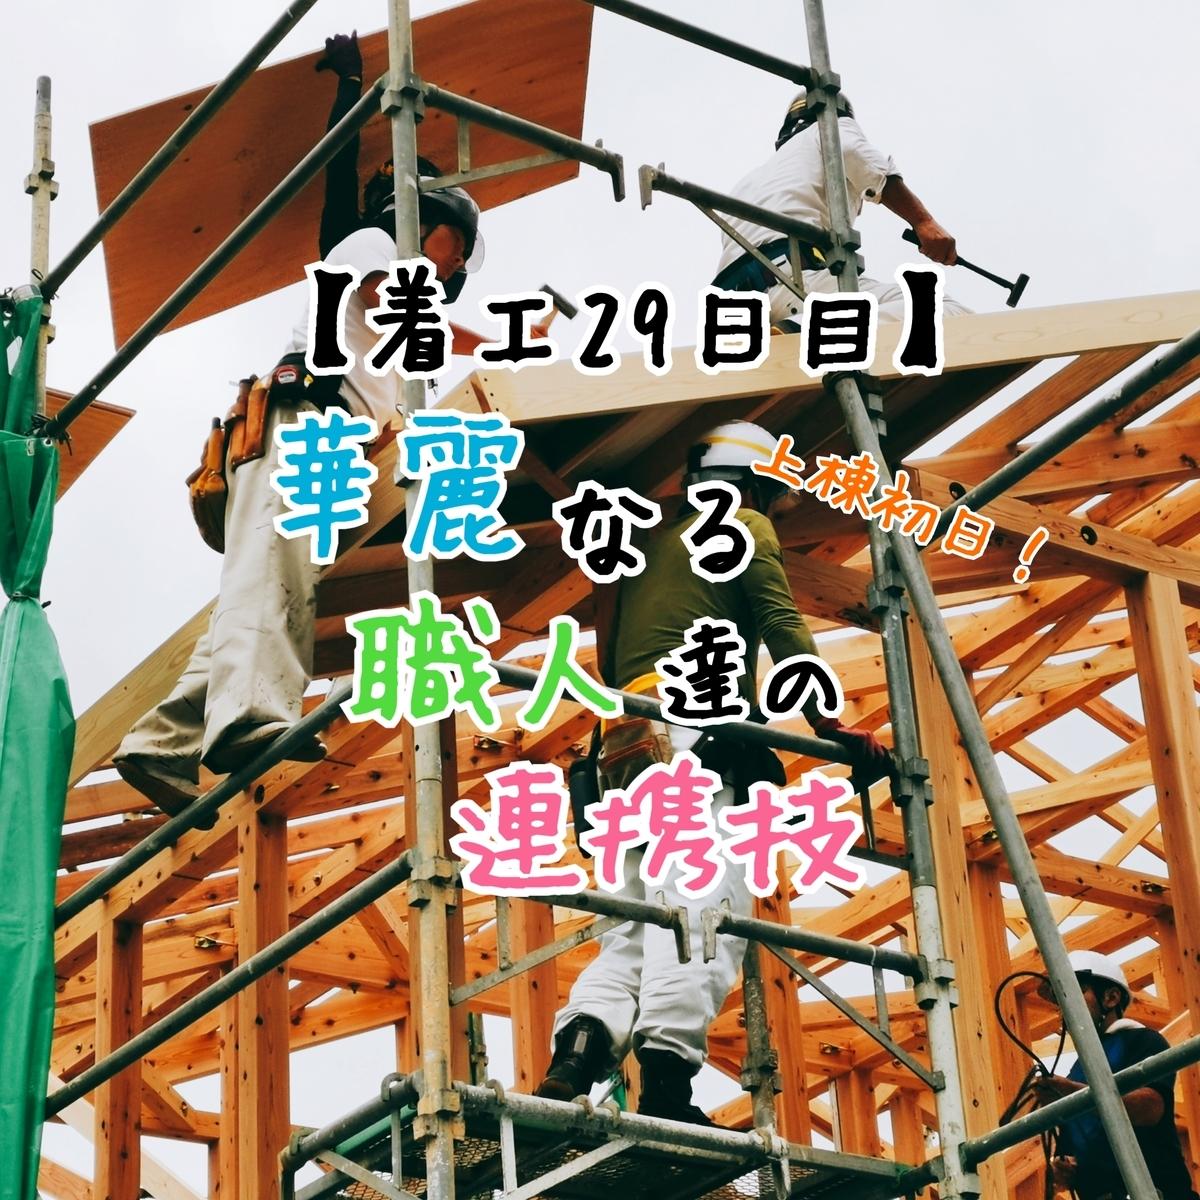 【着工29日目】上棟初日!華麗なる職人達の連携技